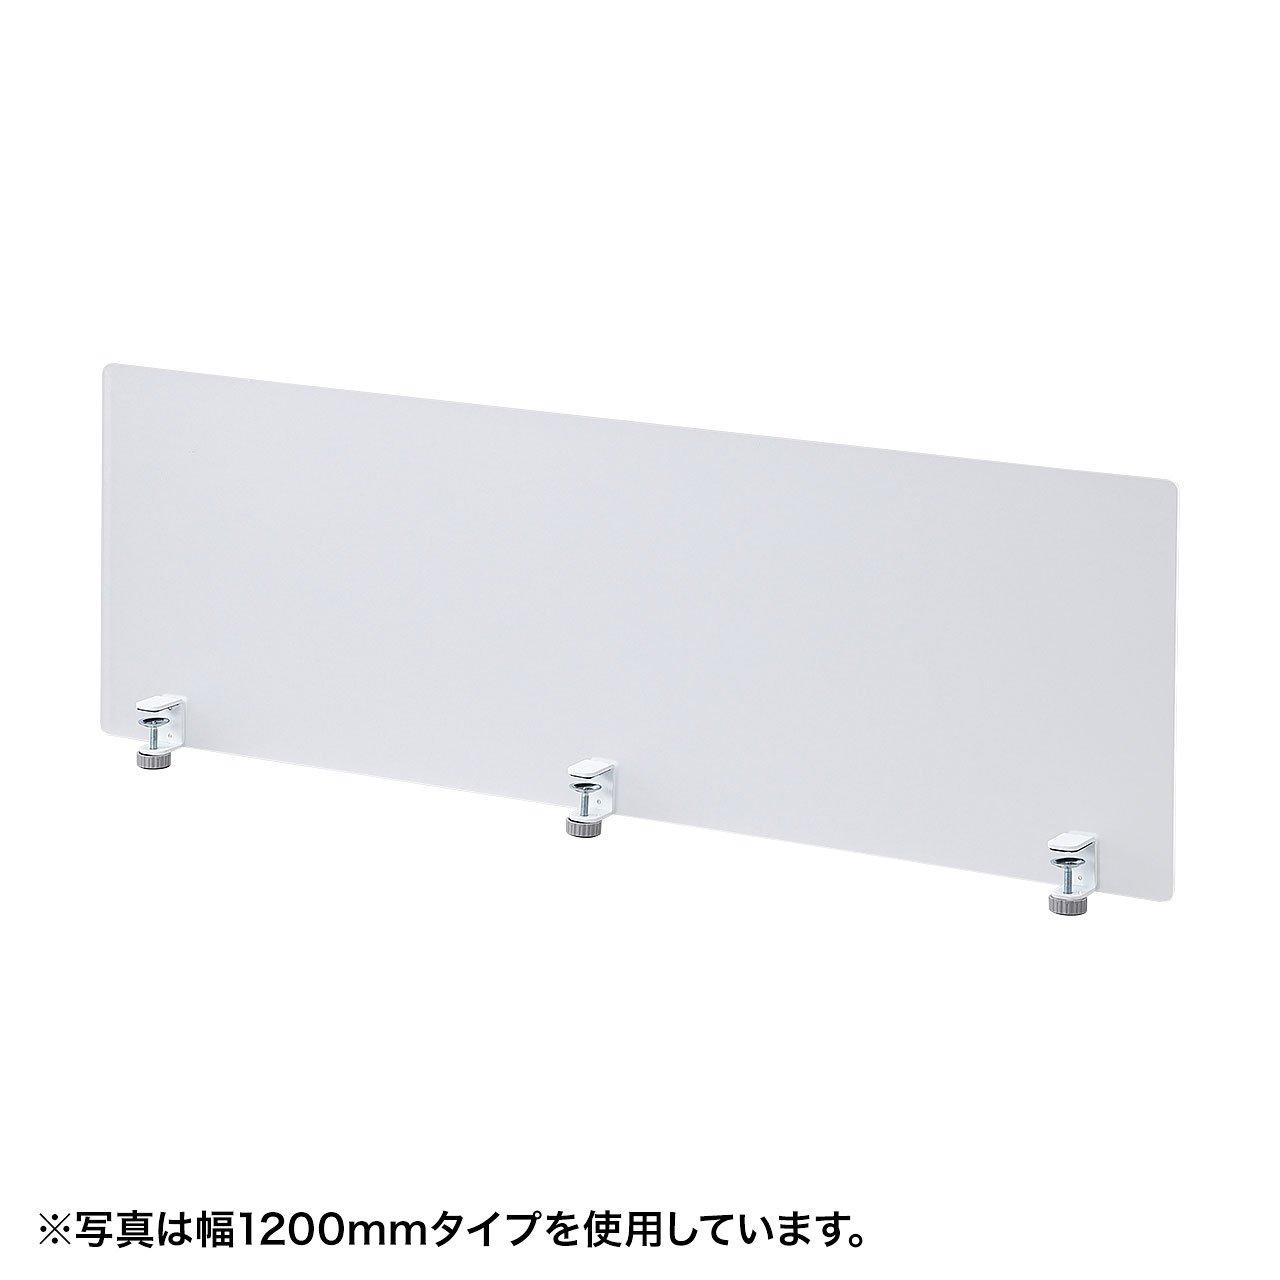 サンワサプライ デスクパネル(クランプ式)(W1000) SPT-DP100 B01MQ0A4YN W1000 W1000